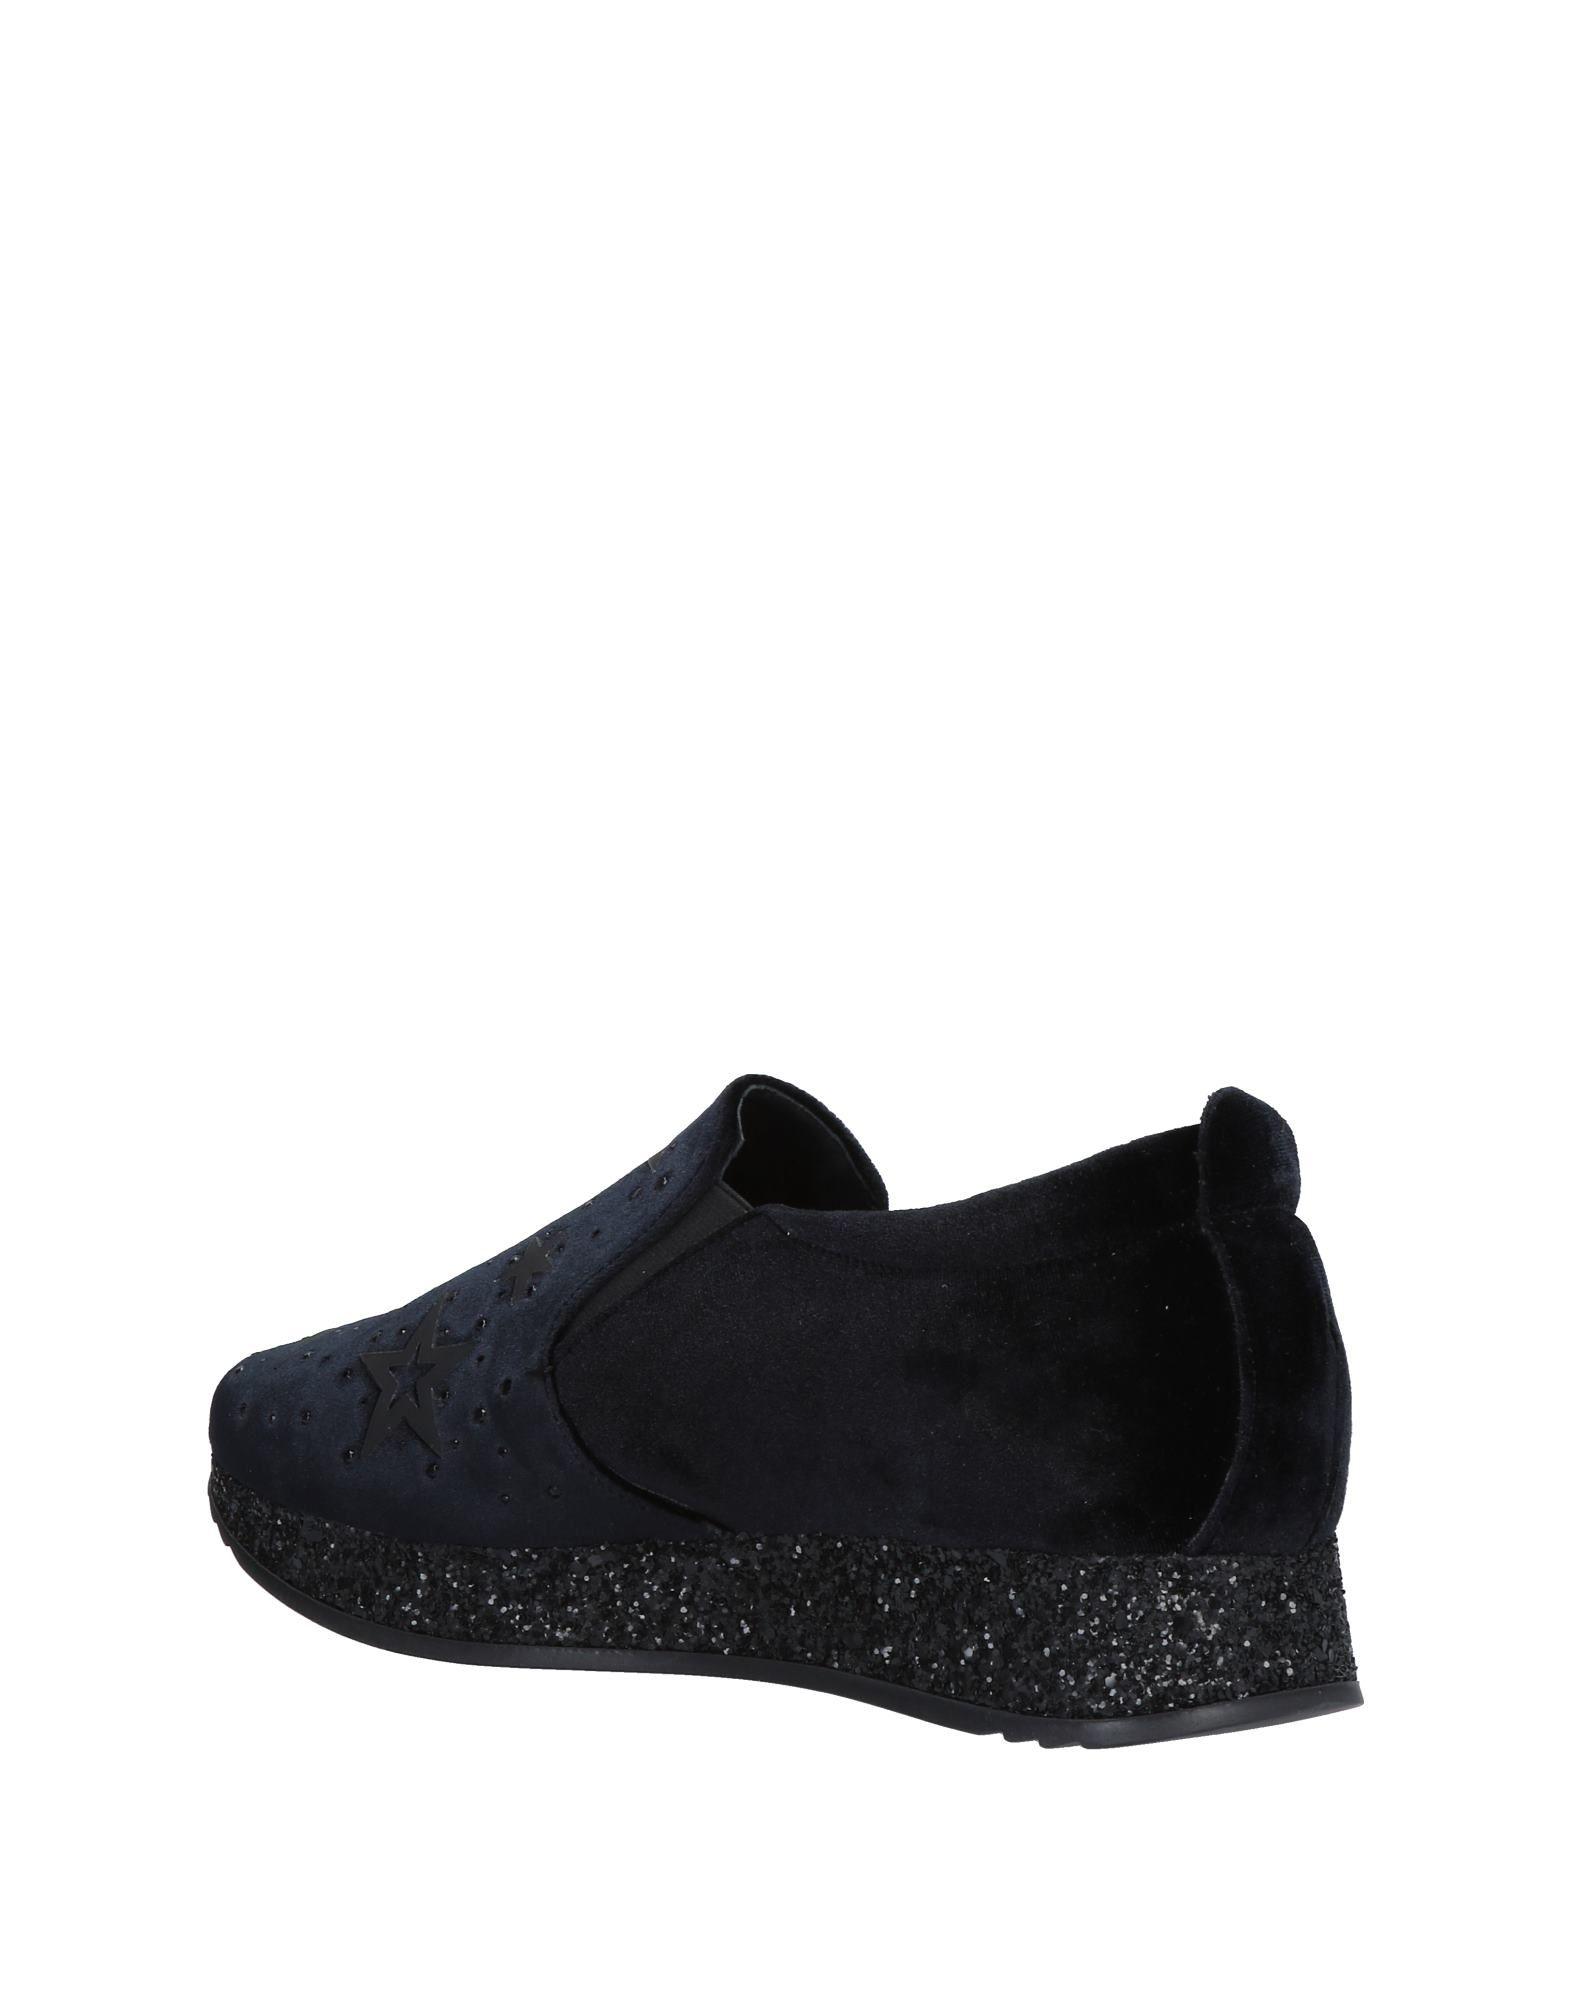 Stilvolle billige Schuhe Lea 11472476XV Günstige und langlebige Schuhe Schuhe Schuhe 451535